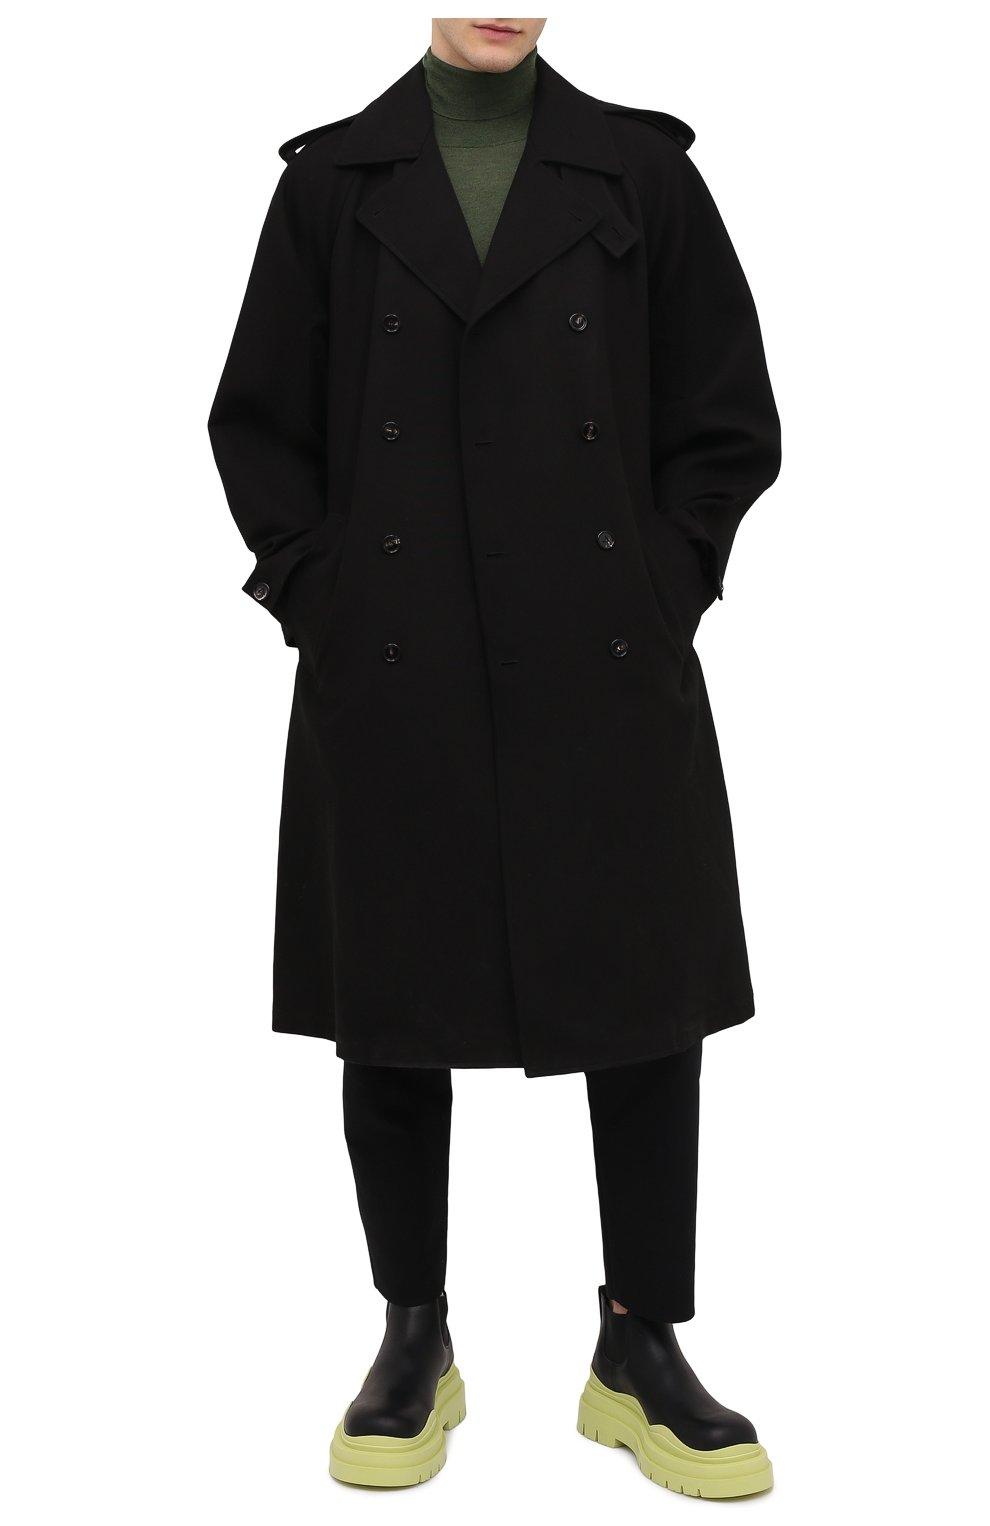 Мужские кожаные челси tire BOTTEGA VENETA светло-зеленого цвета, арт. 630281/VBS50 | Фото 2 (Каблук высота: Высокий; Материал внутренний: Натуральная кожа; Подошва: Массивная; Мужское Кросс-КТ: Сапоги-обувь, Челси-обувь)